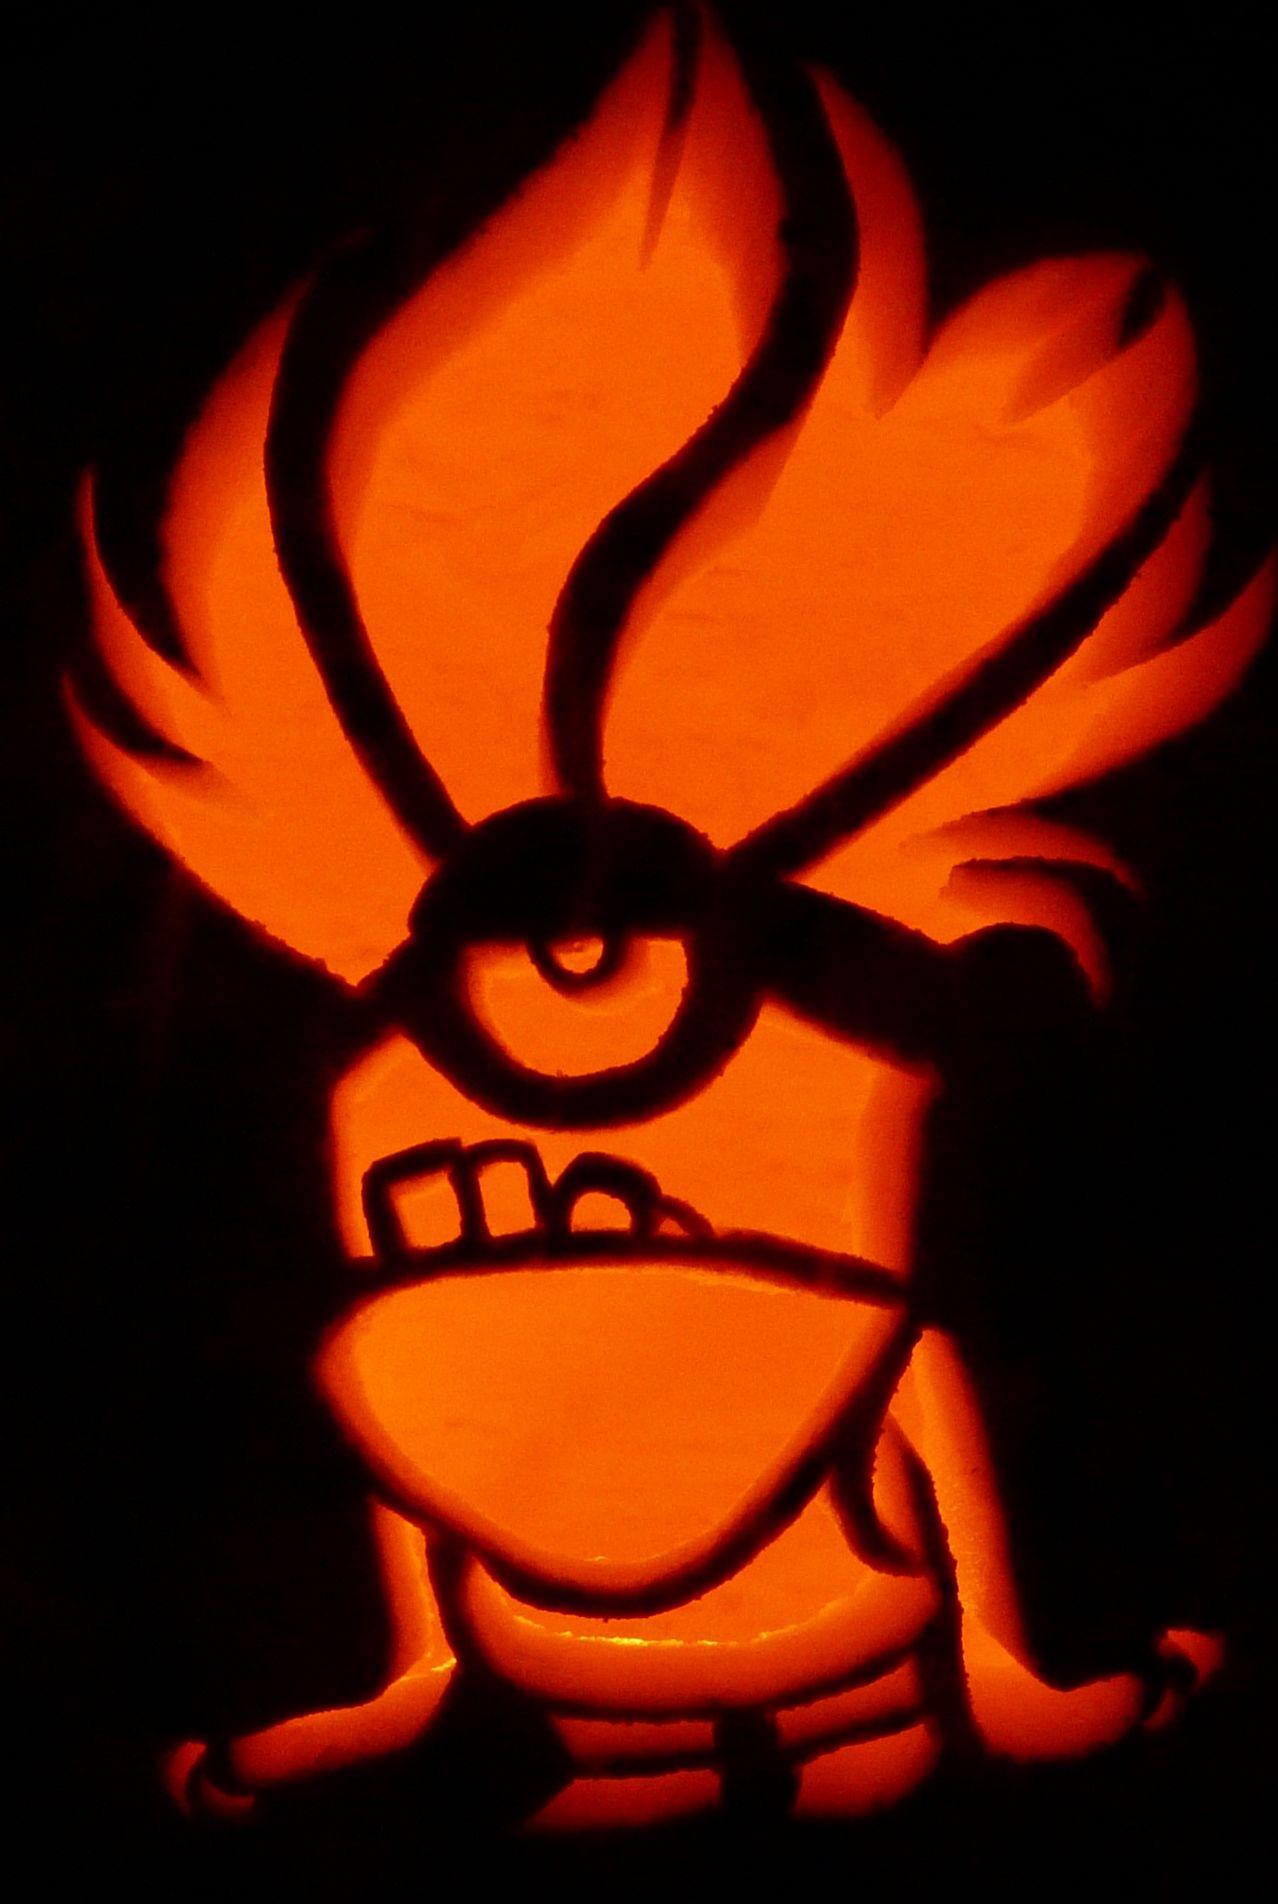 carved pumpkin purple minion for despicable me 2 pumpkin carvings rh pinterest com despicable me agnes pumpkin stencil despicable me agnes pumpkin stencil